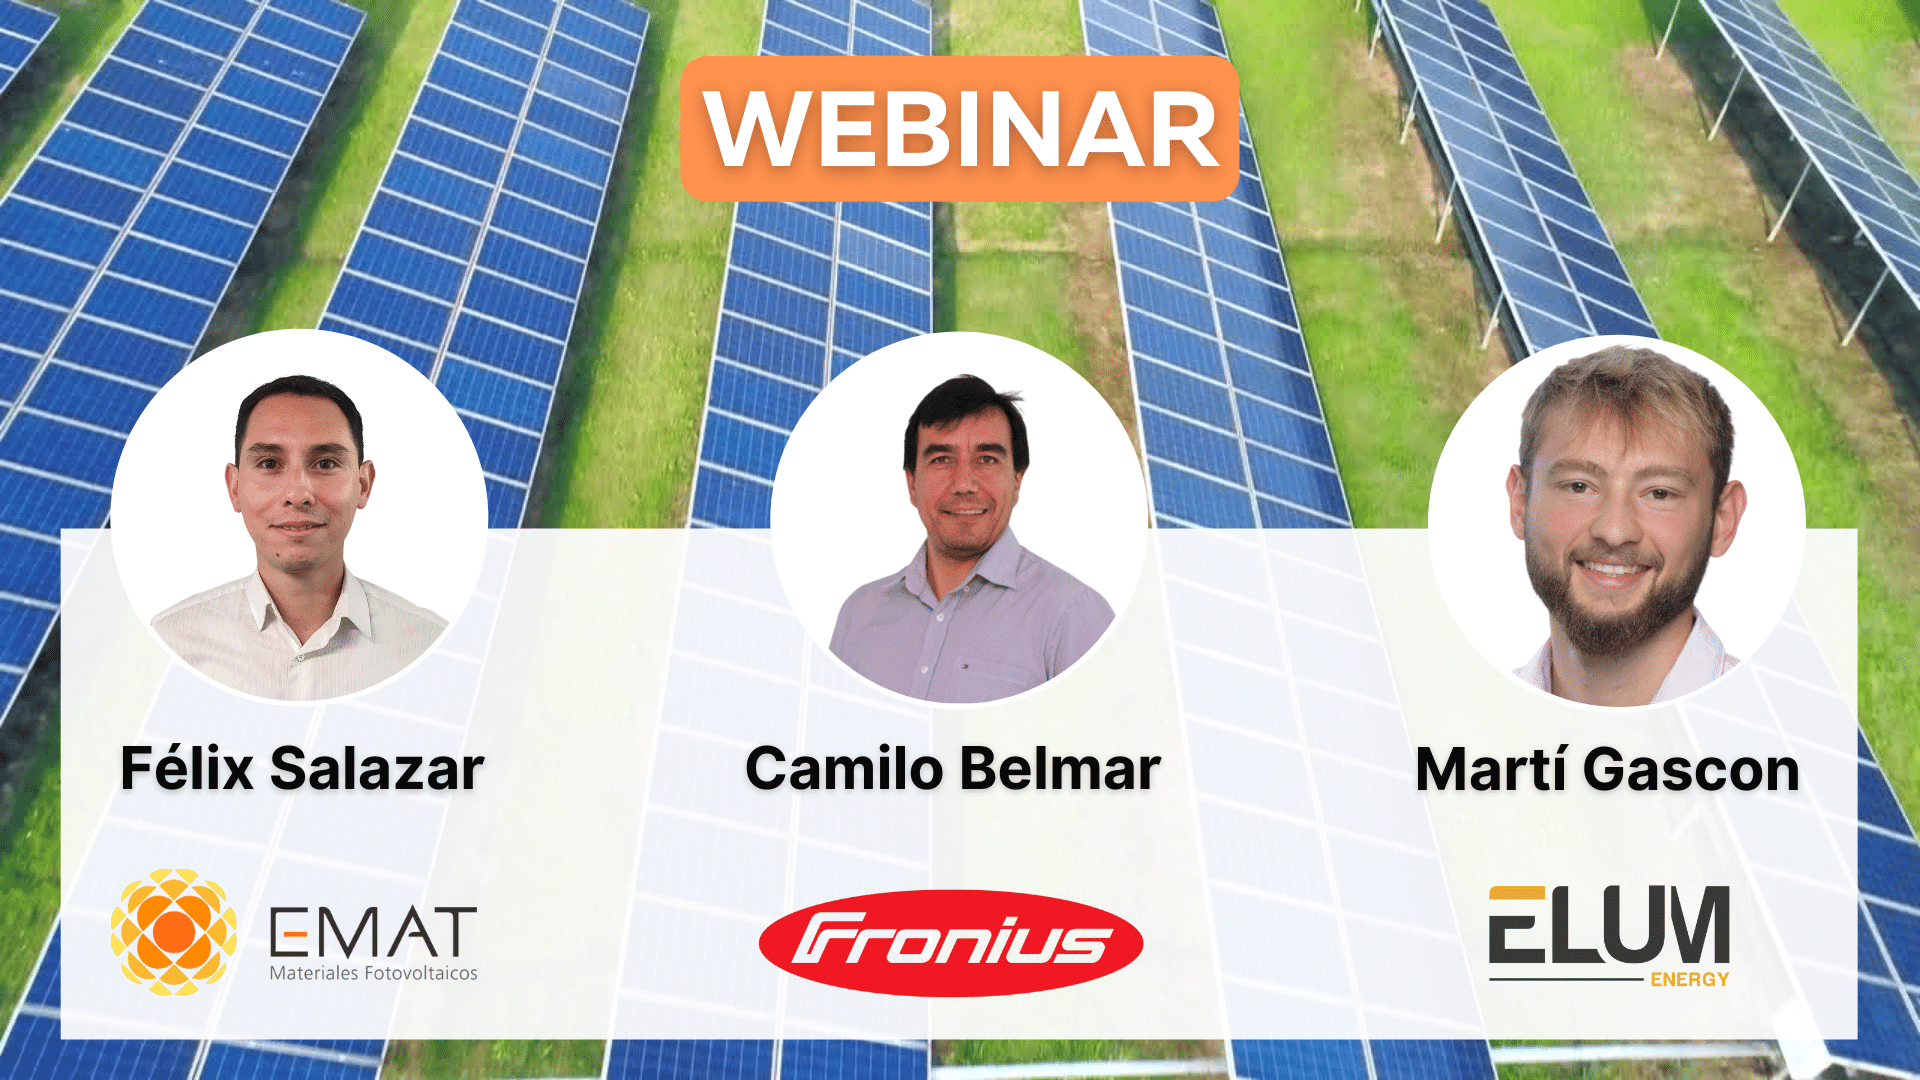 Webinar-EMAT-Fronius-Chile-Elum-Energy-2021